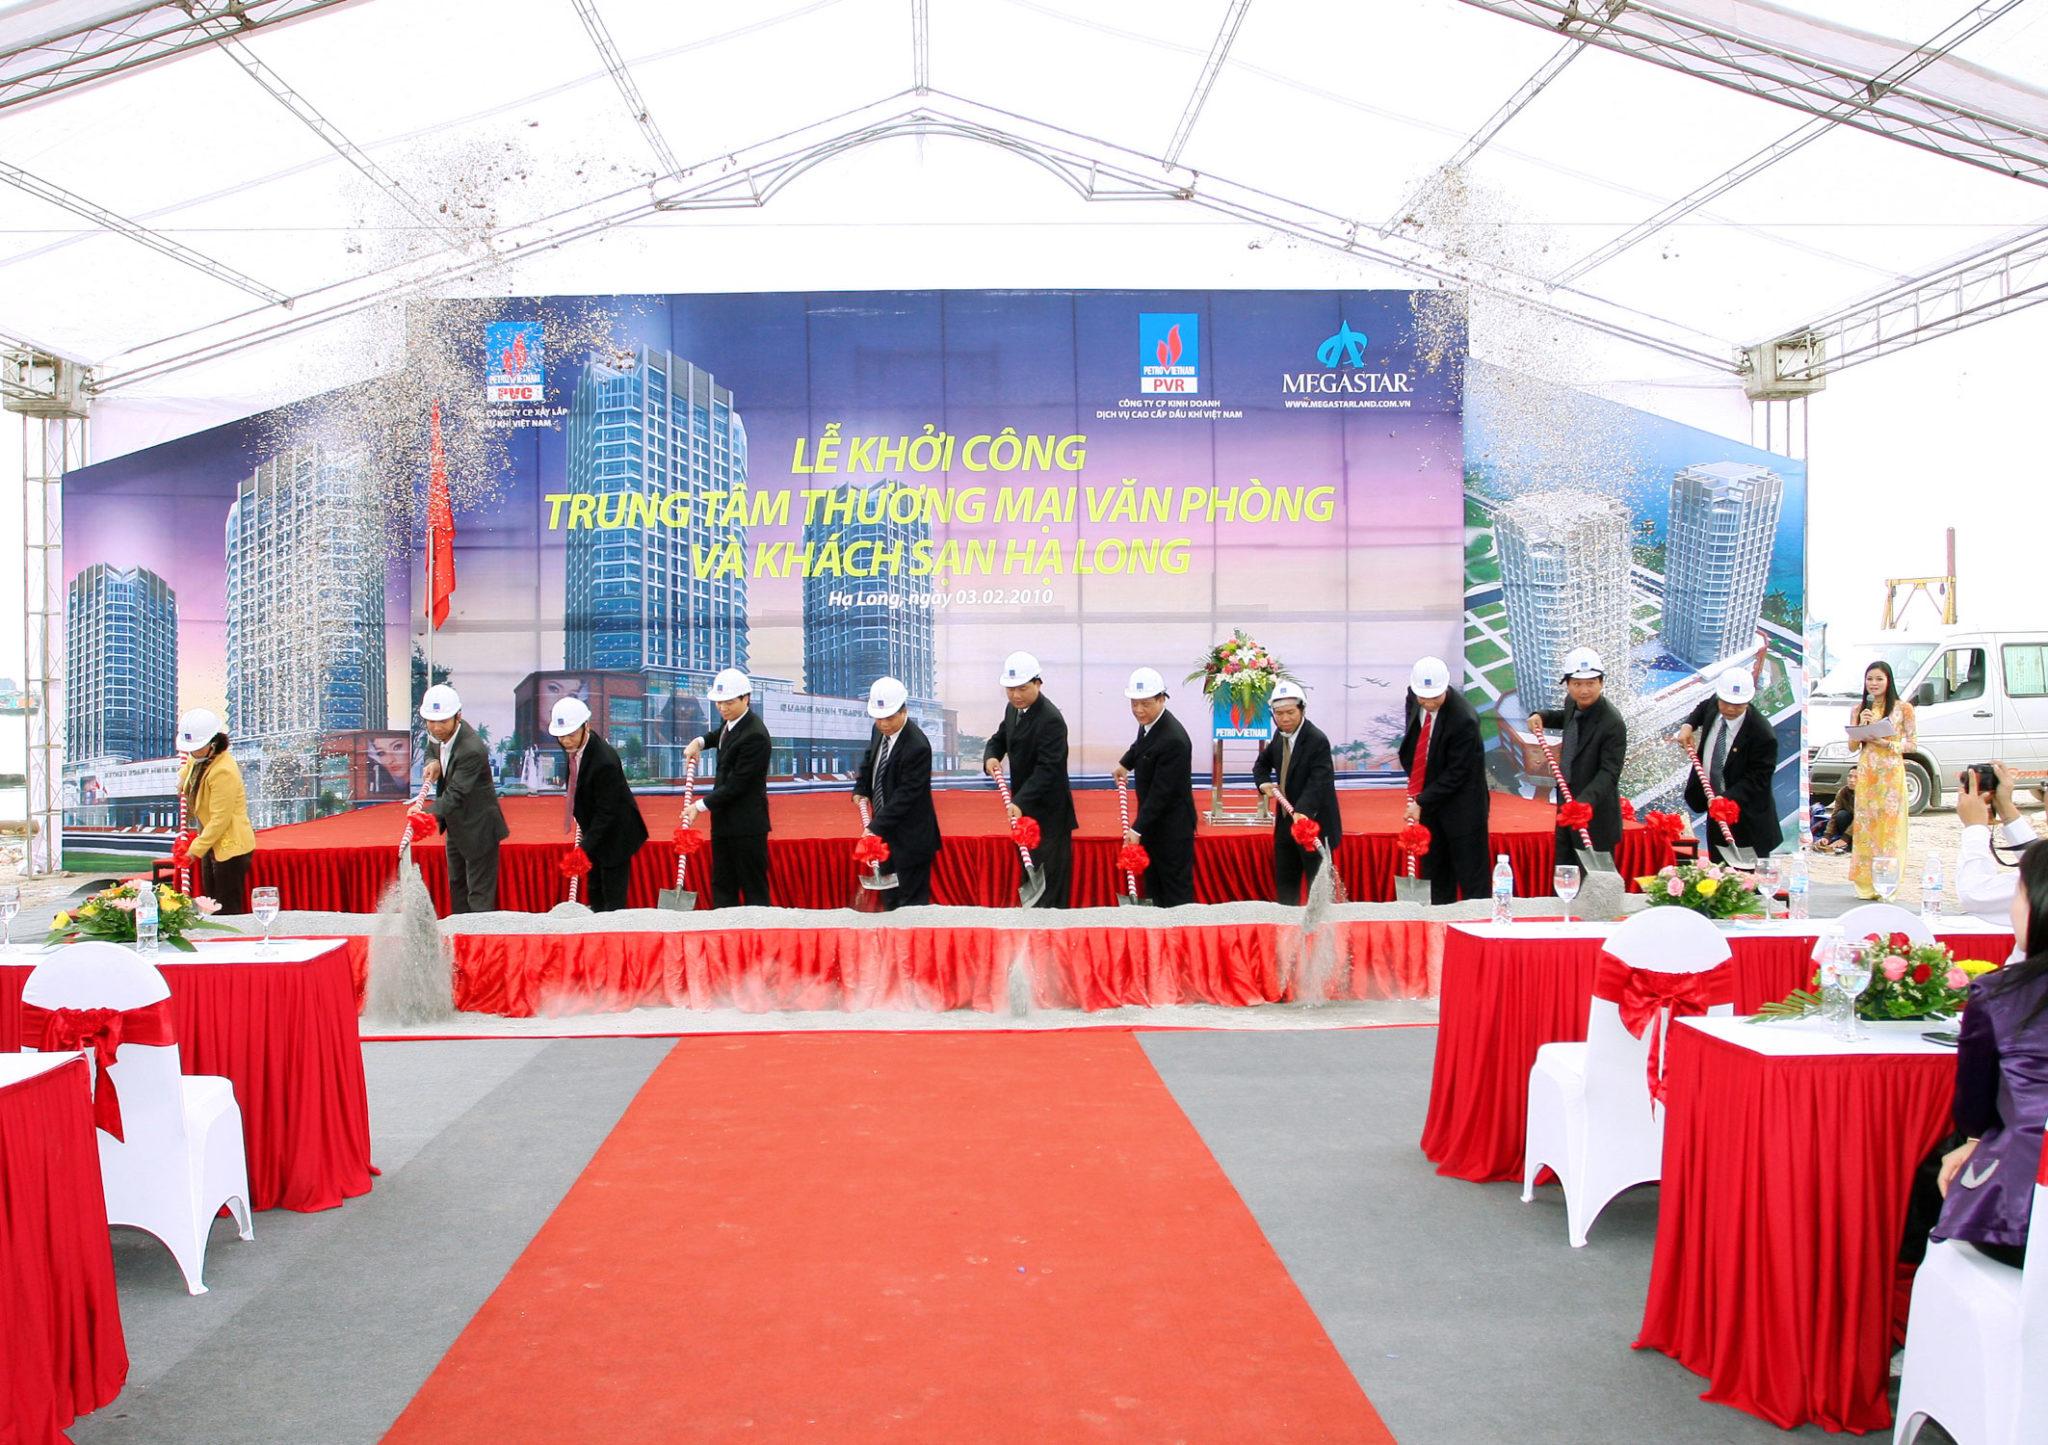 Chụp ảnh sự kiện ở đâu uy tín tại Hà Nội